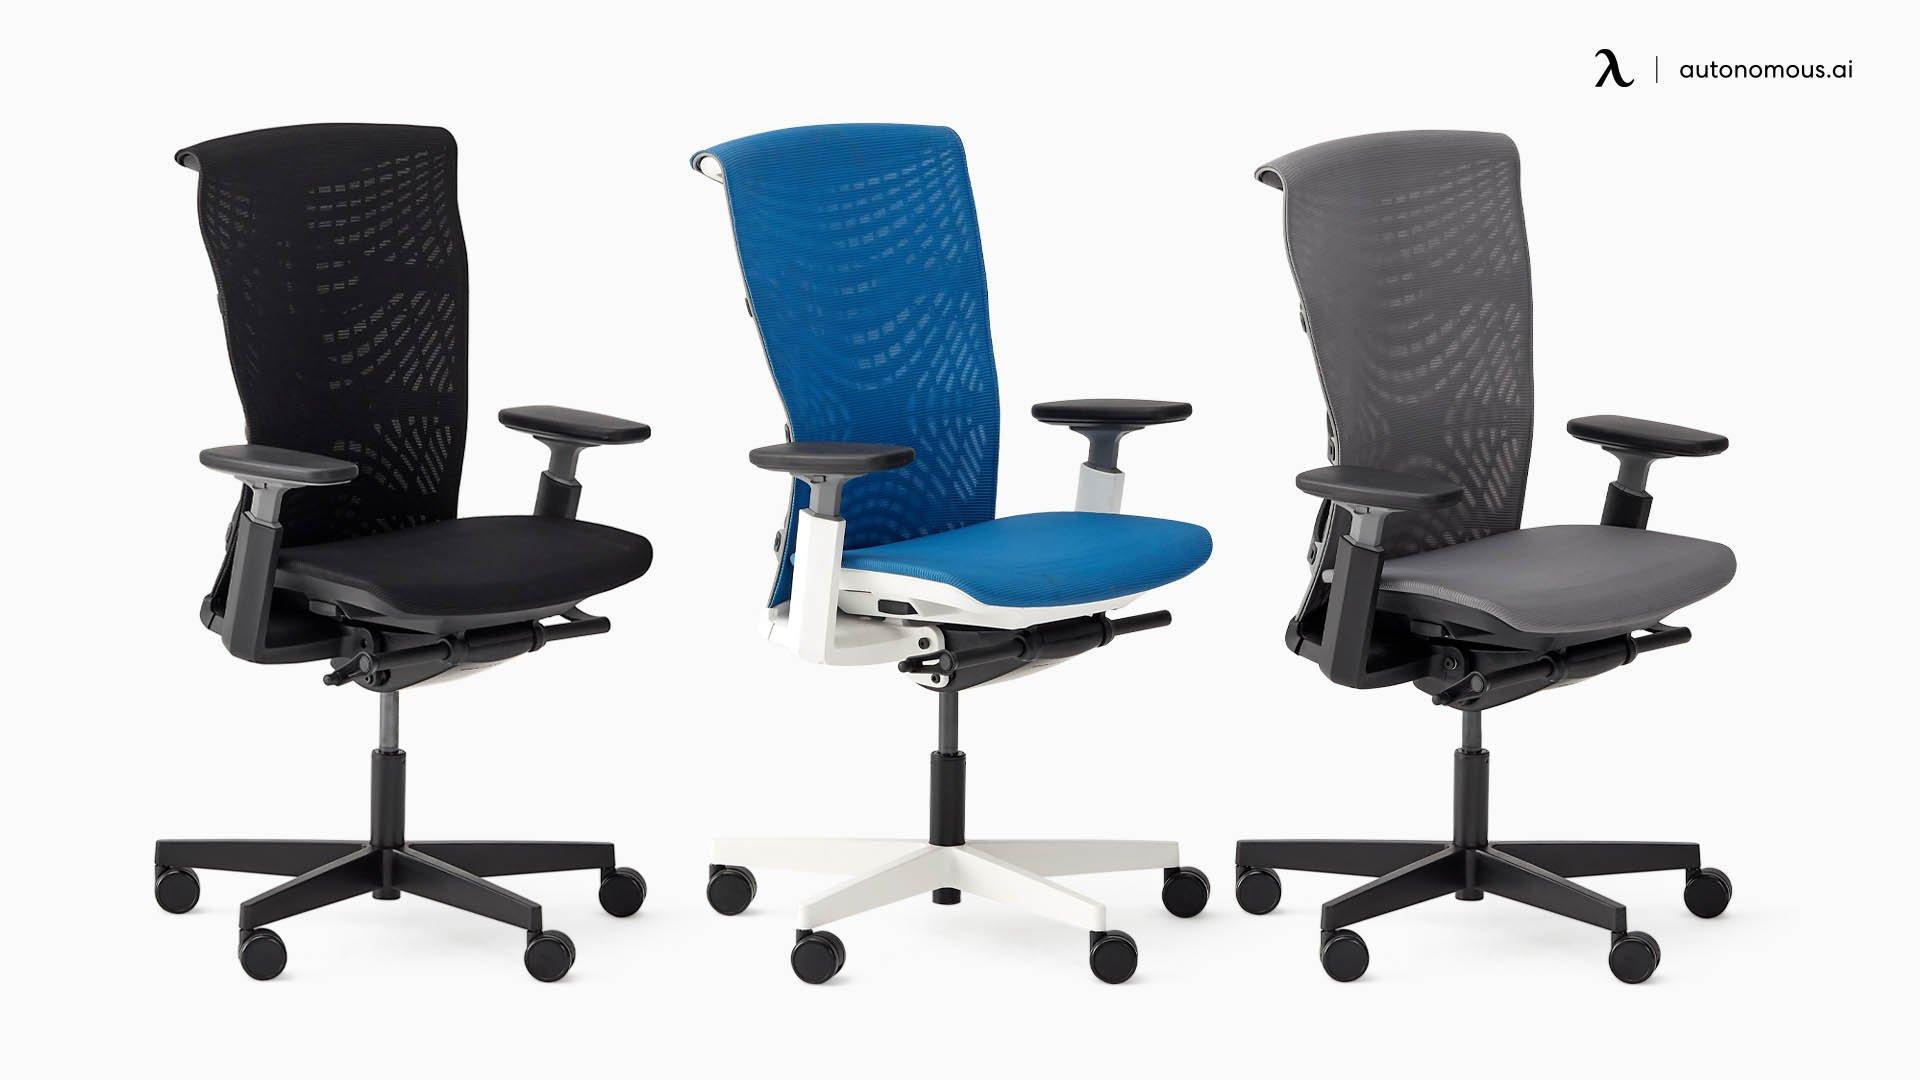 gaming chair 2021 Kinn Chair